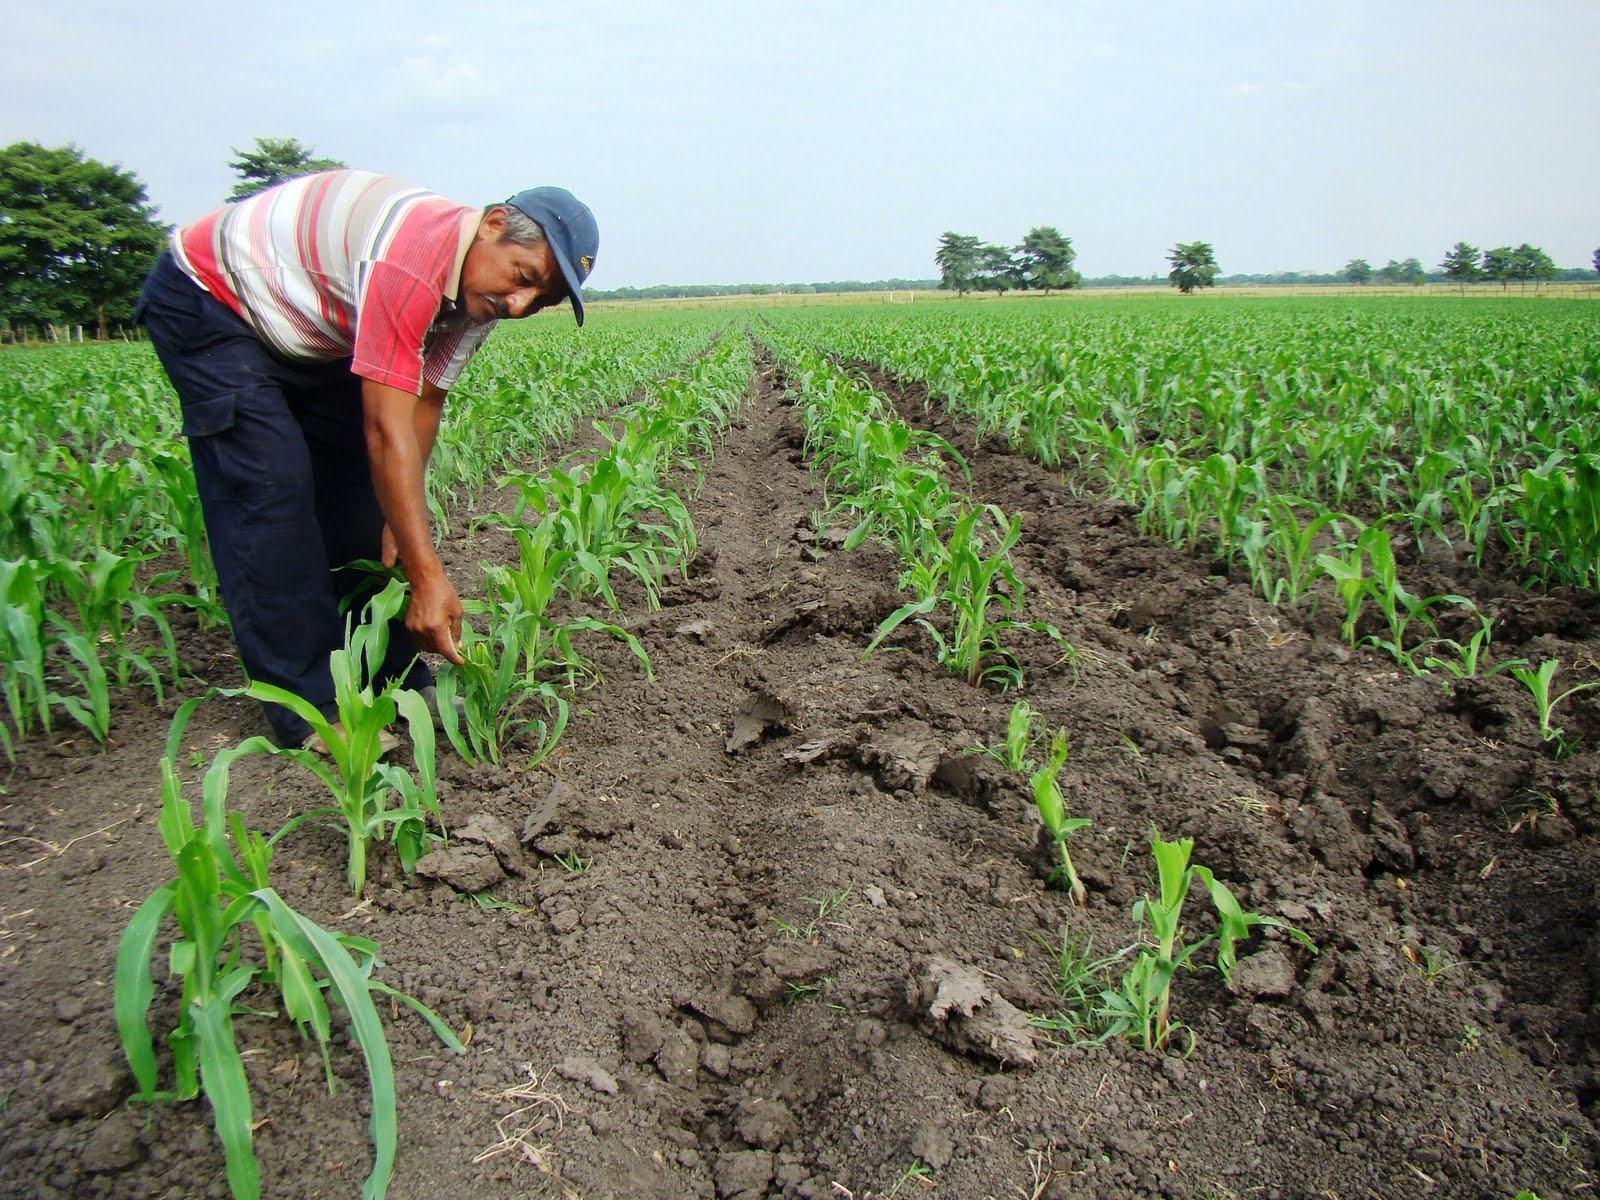 Productores resaltan beneficios de la apertura de mercado de Nicaragua y Colombia